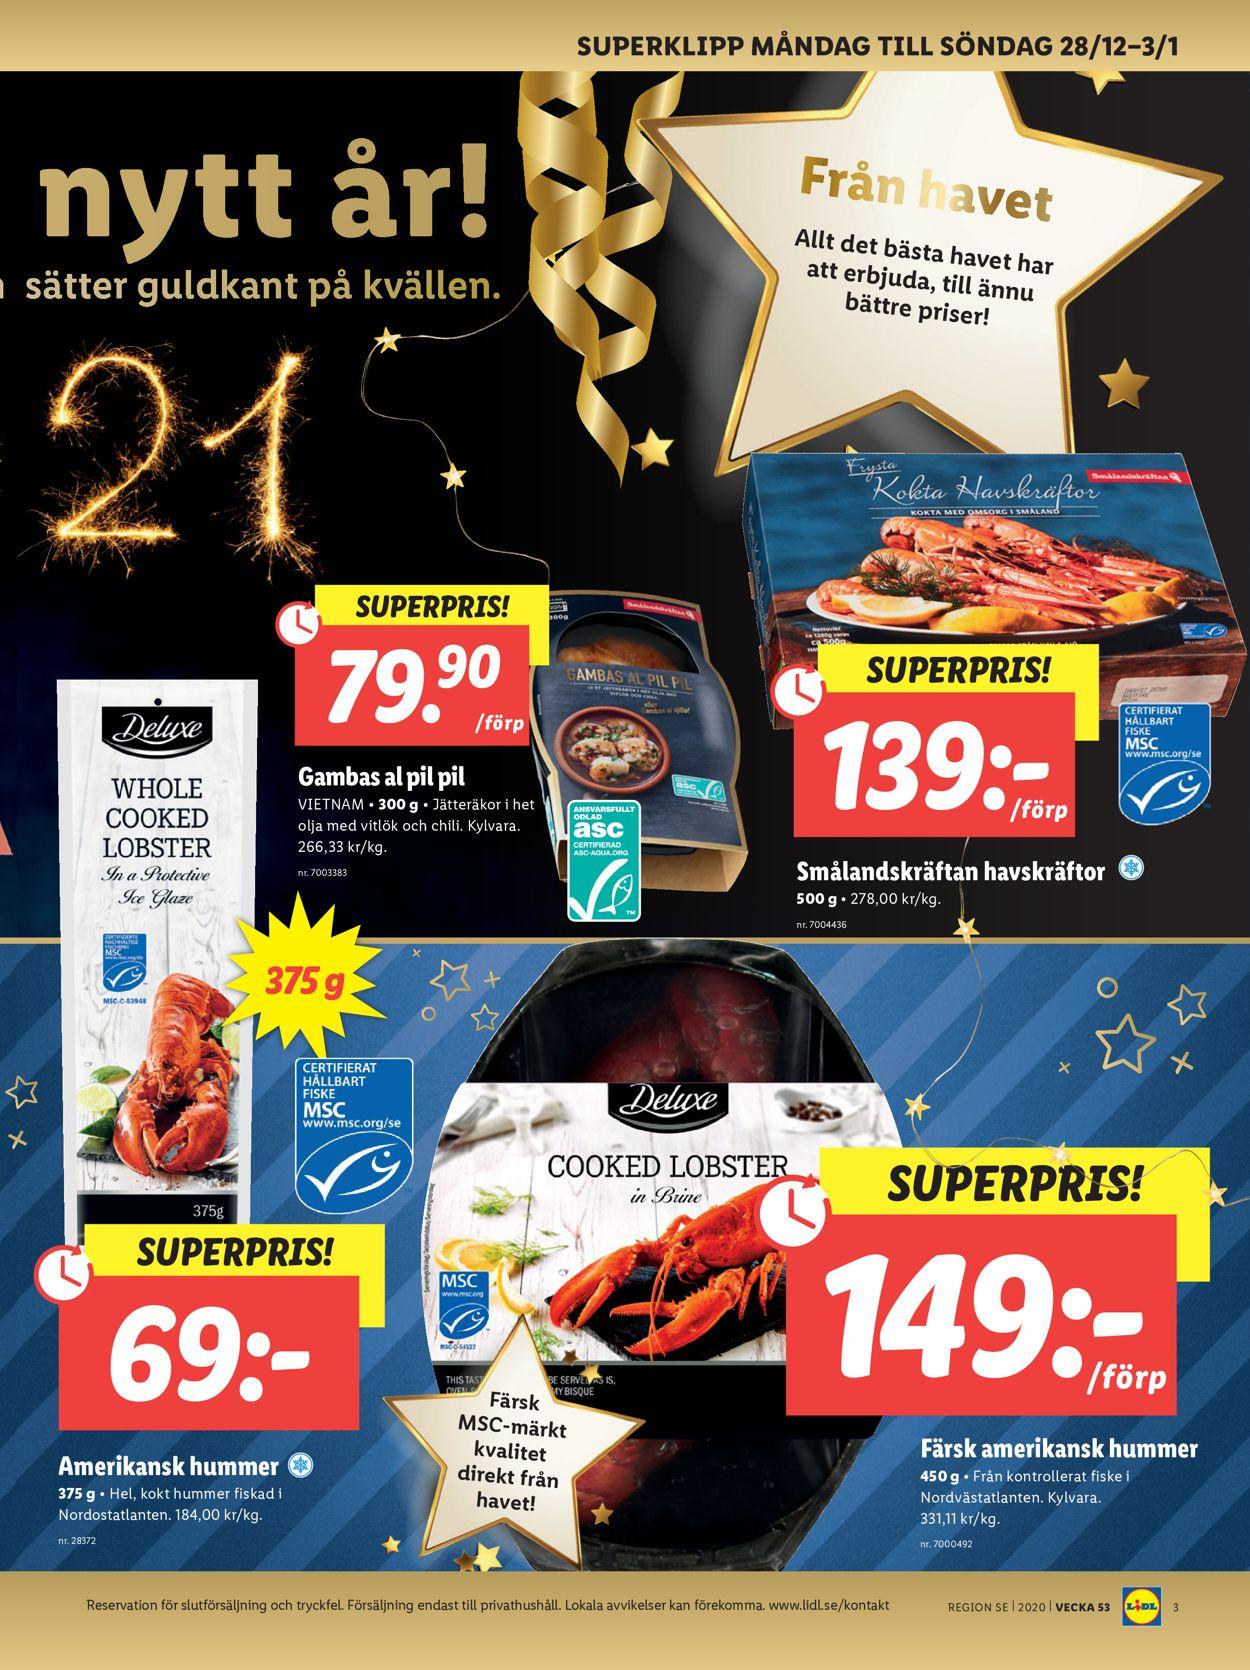 Lidl - Julen 2020 - Reklamblad - 28/12-03/01-2021 (Sida 3)